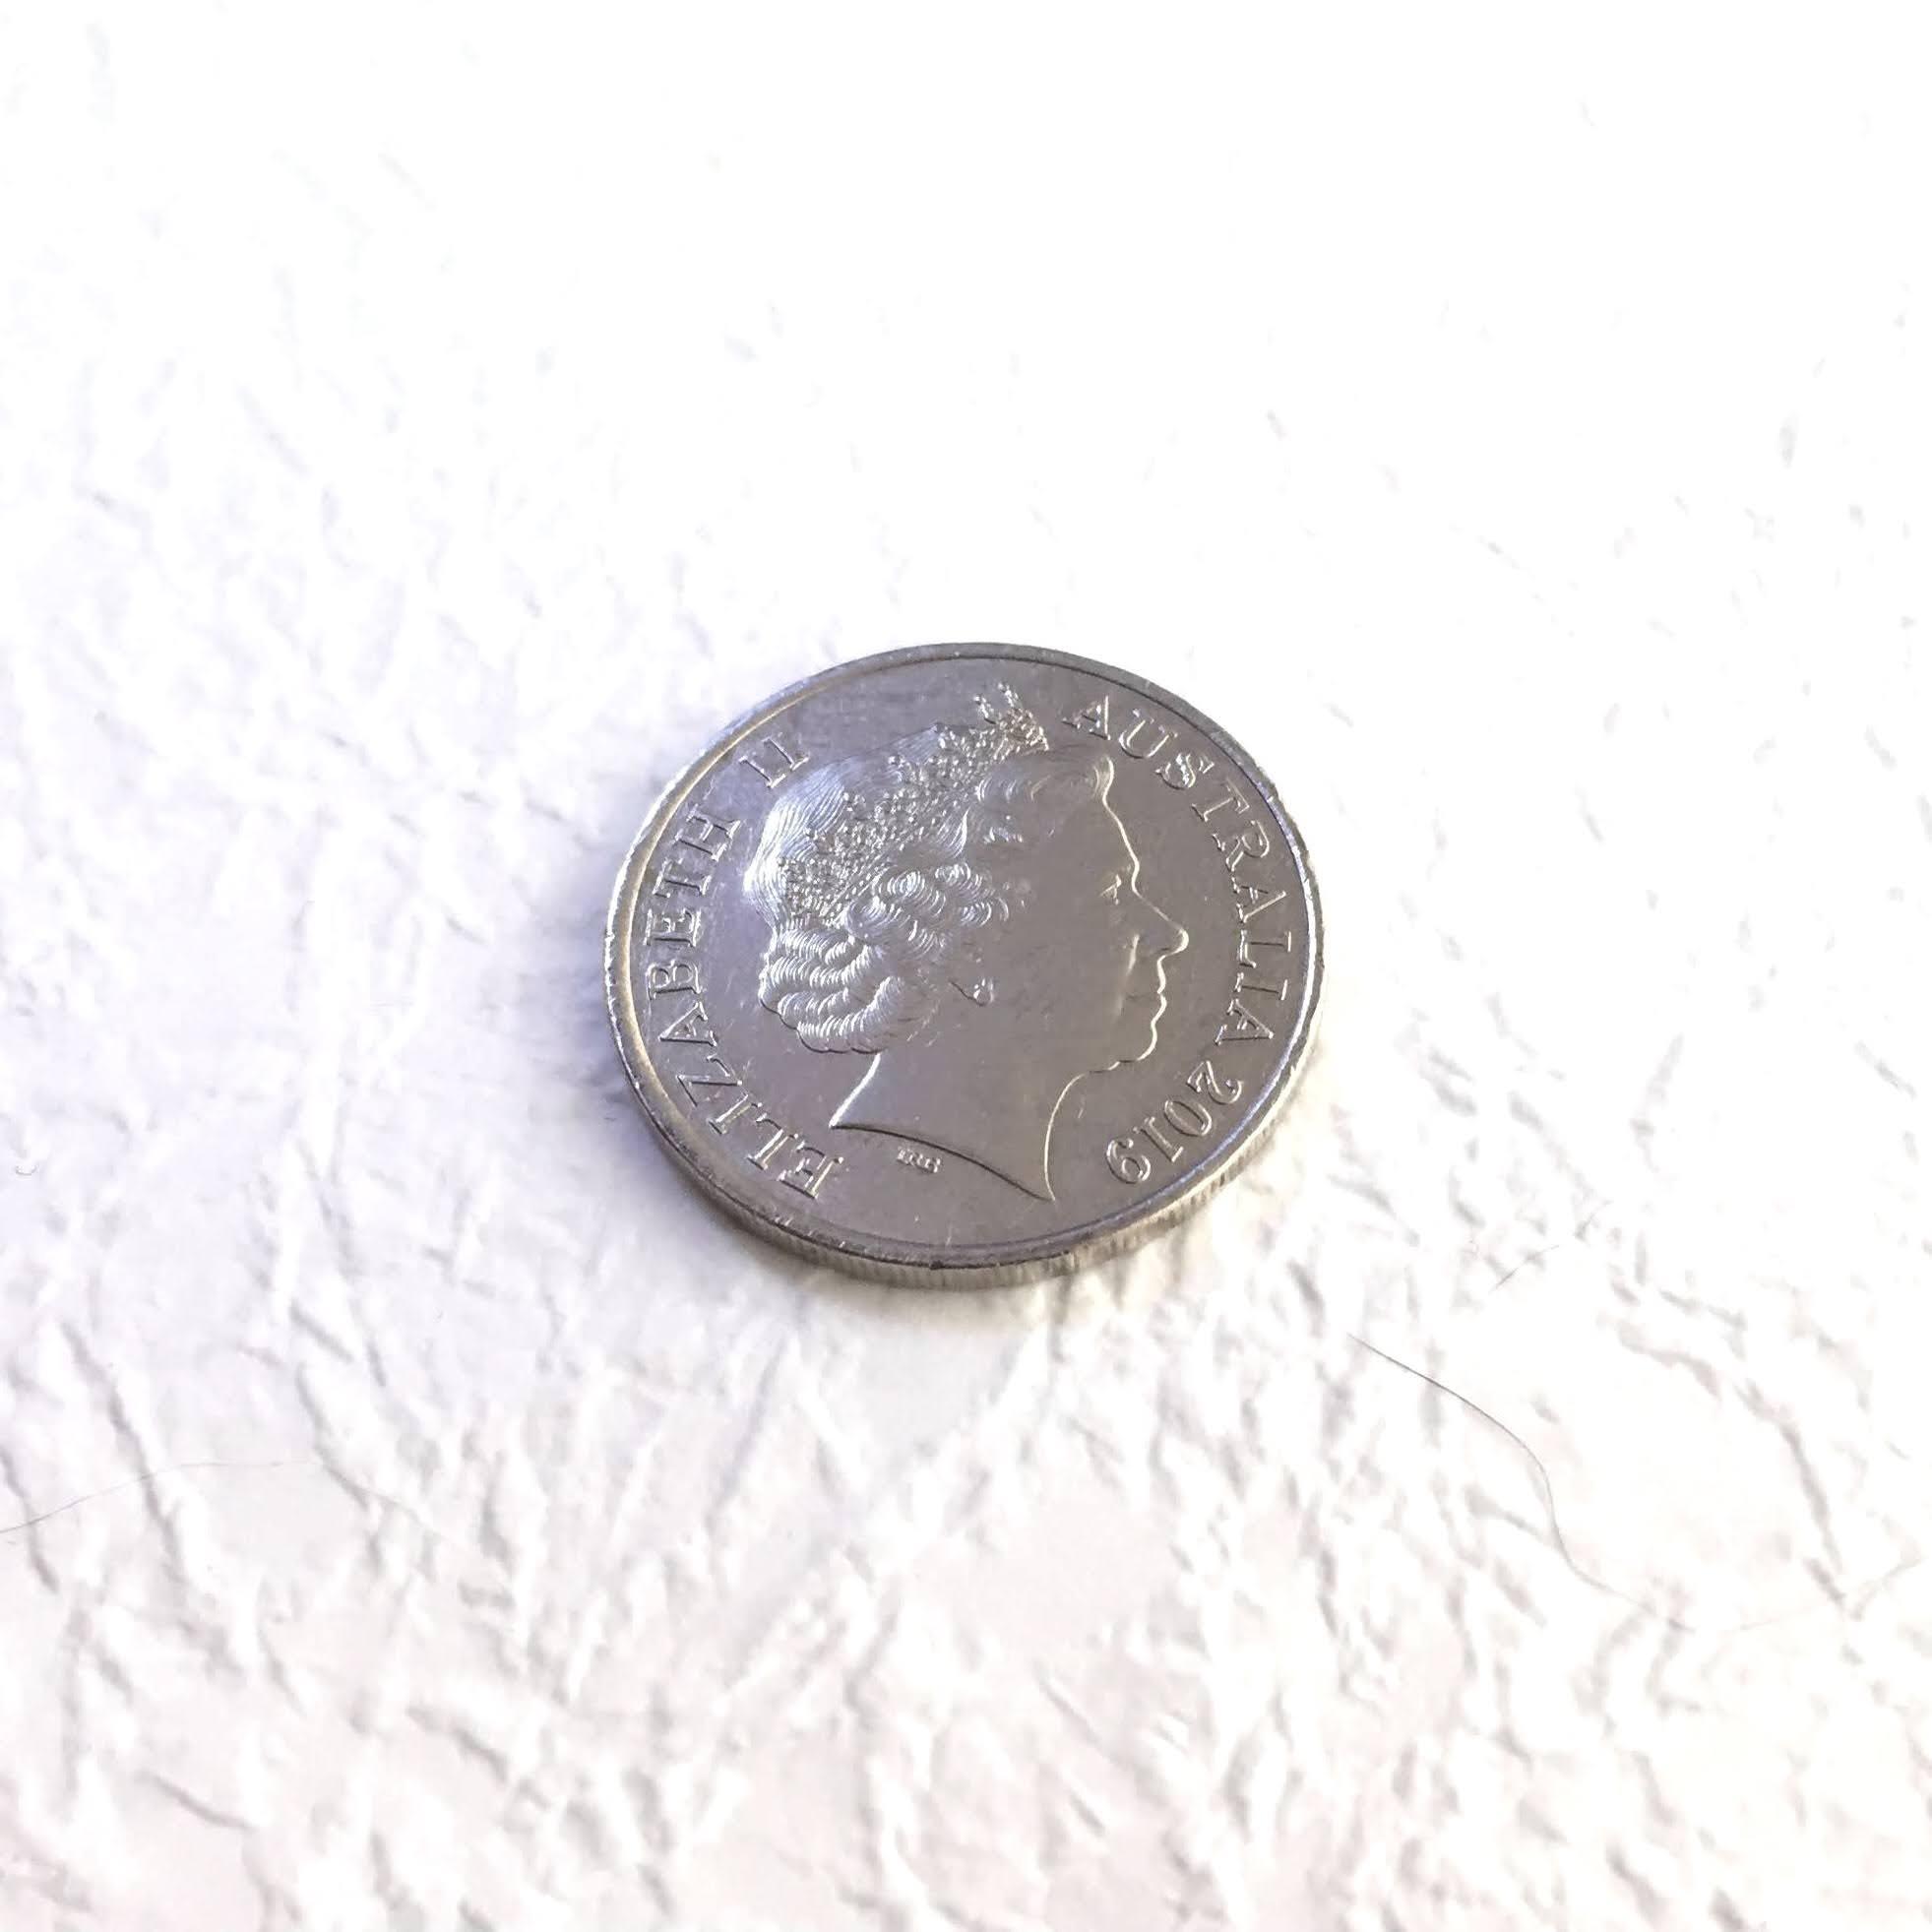 コイン撮影:LEDライトのズーム